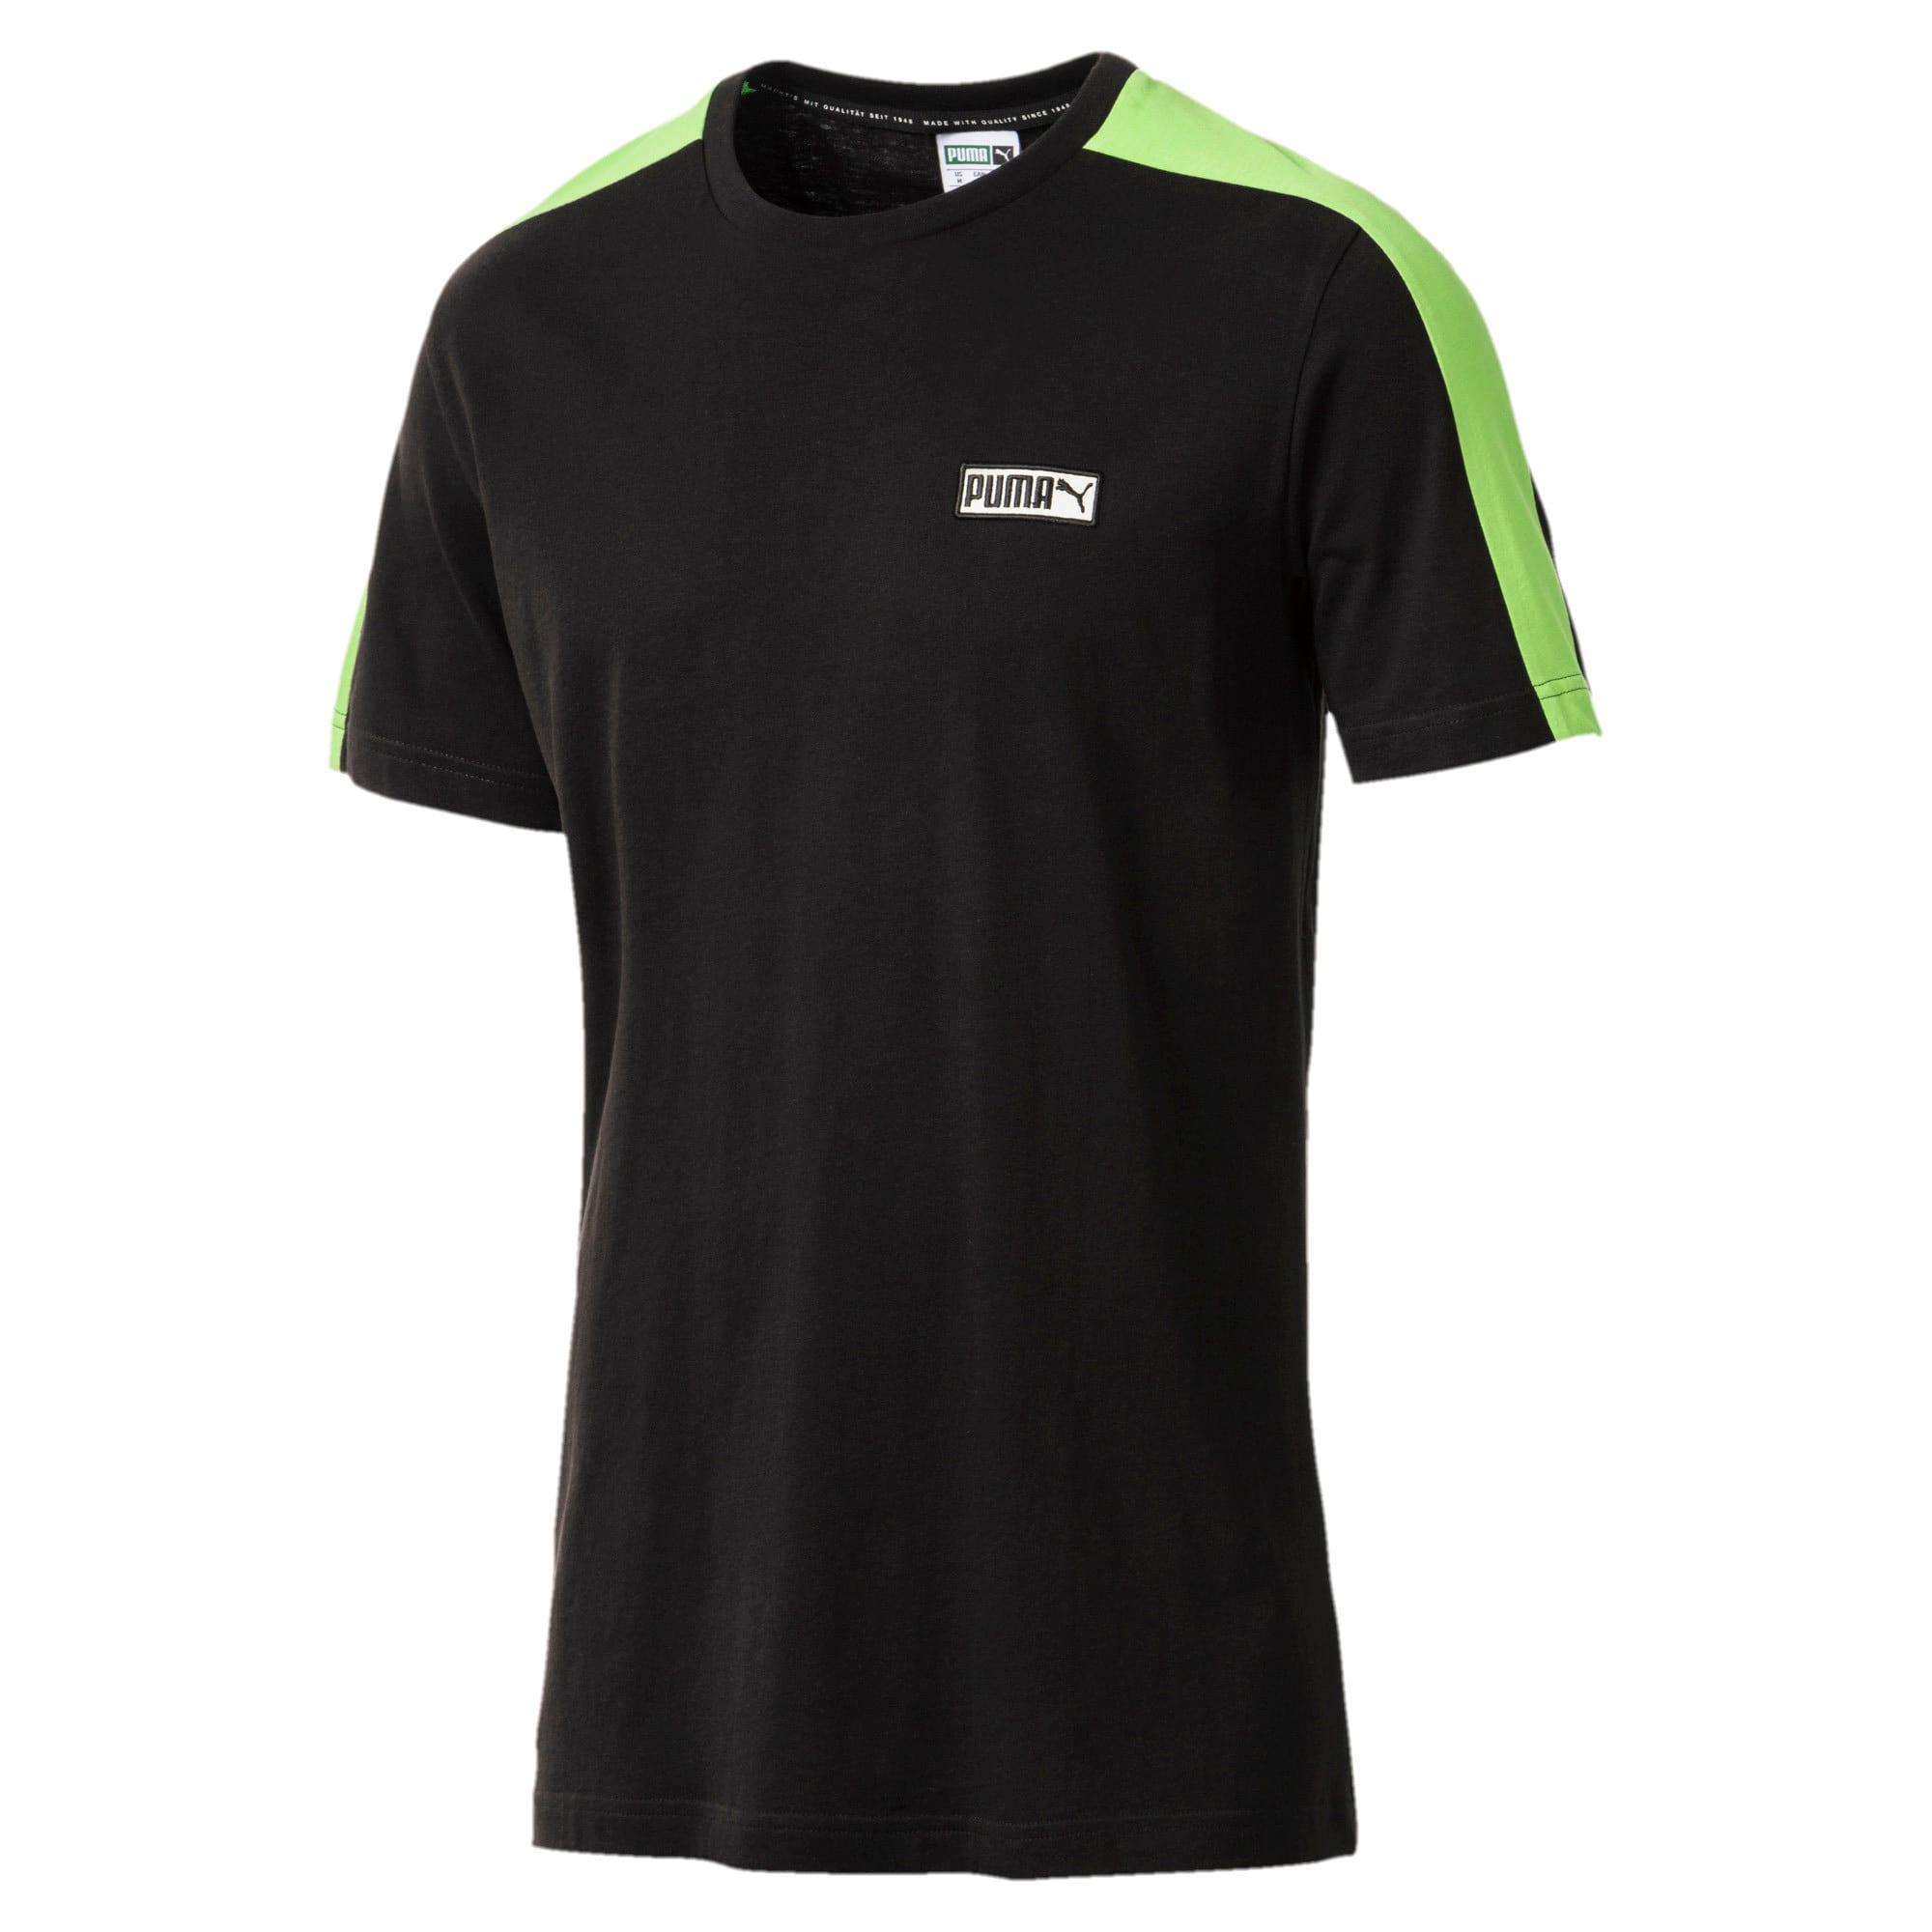 Thumbnail 1 of T7 Spezial Men's T-Shirt, Cotton Black, medium-IND